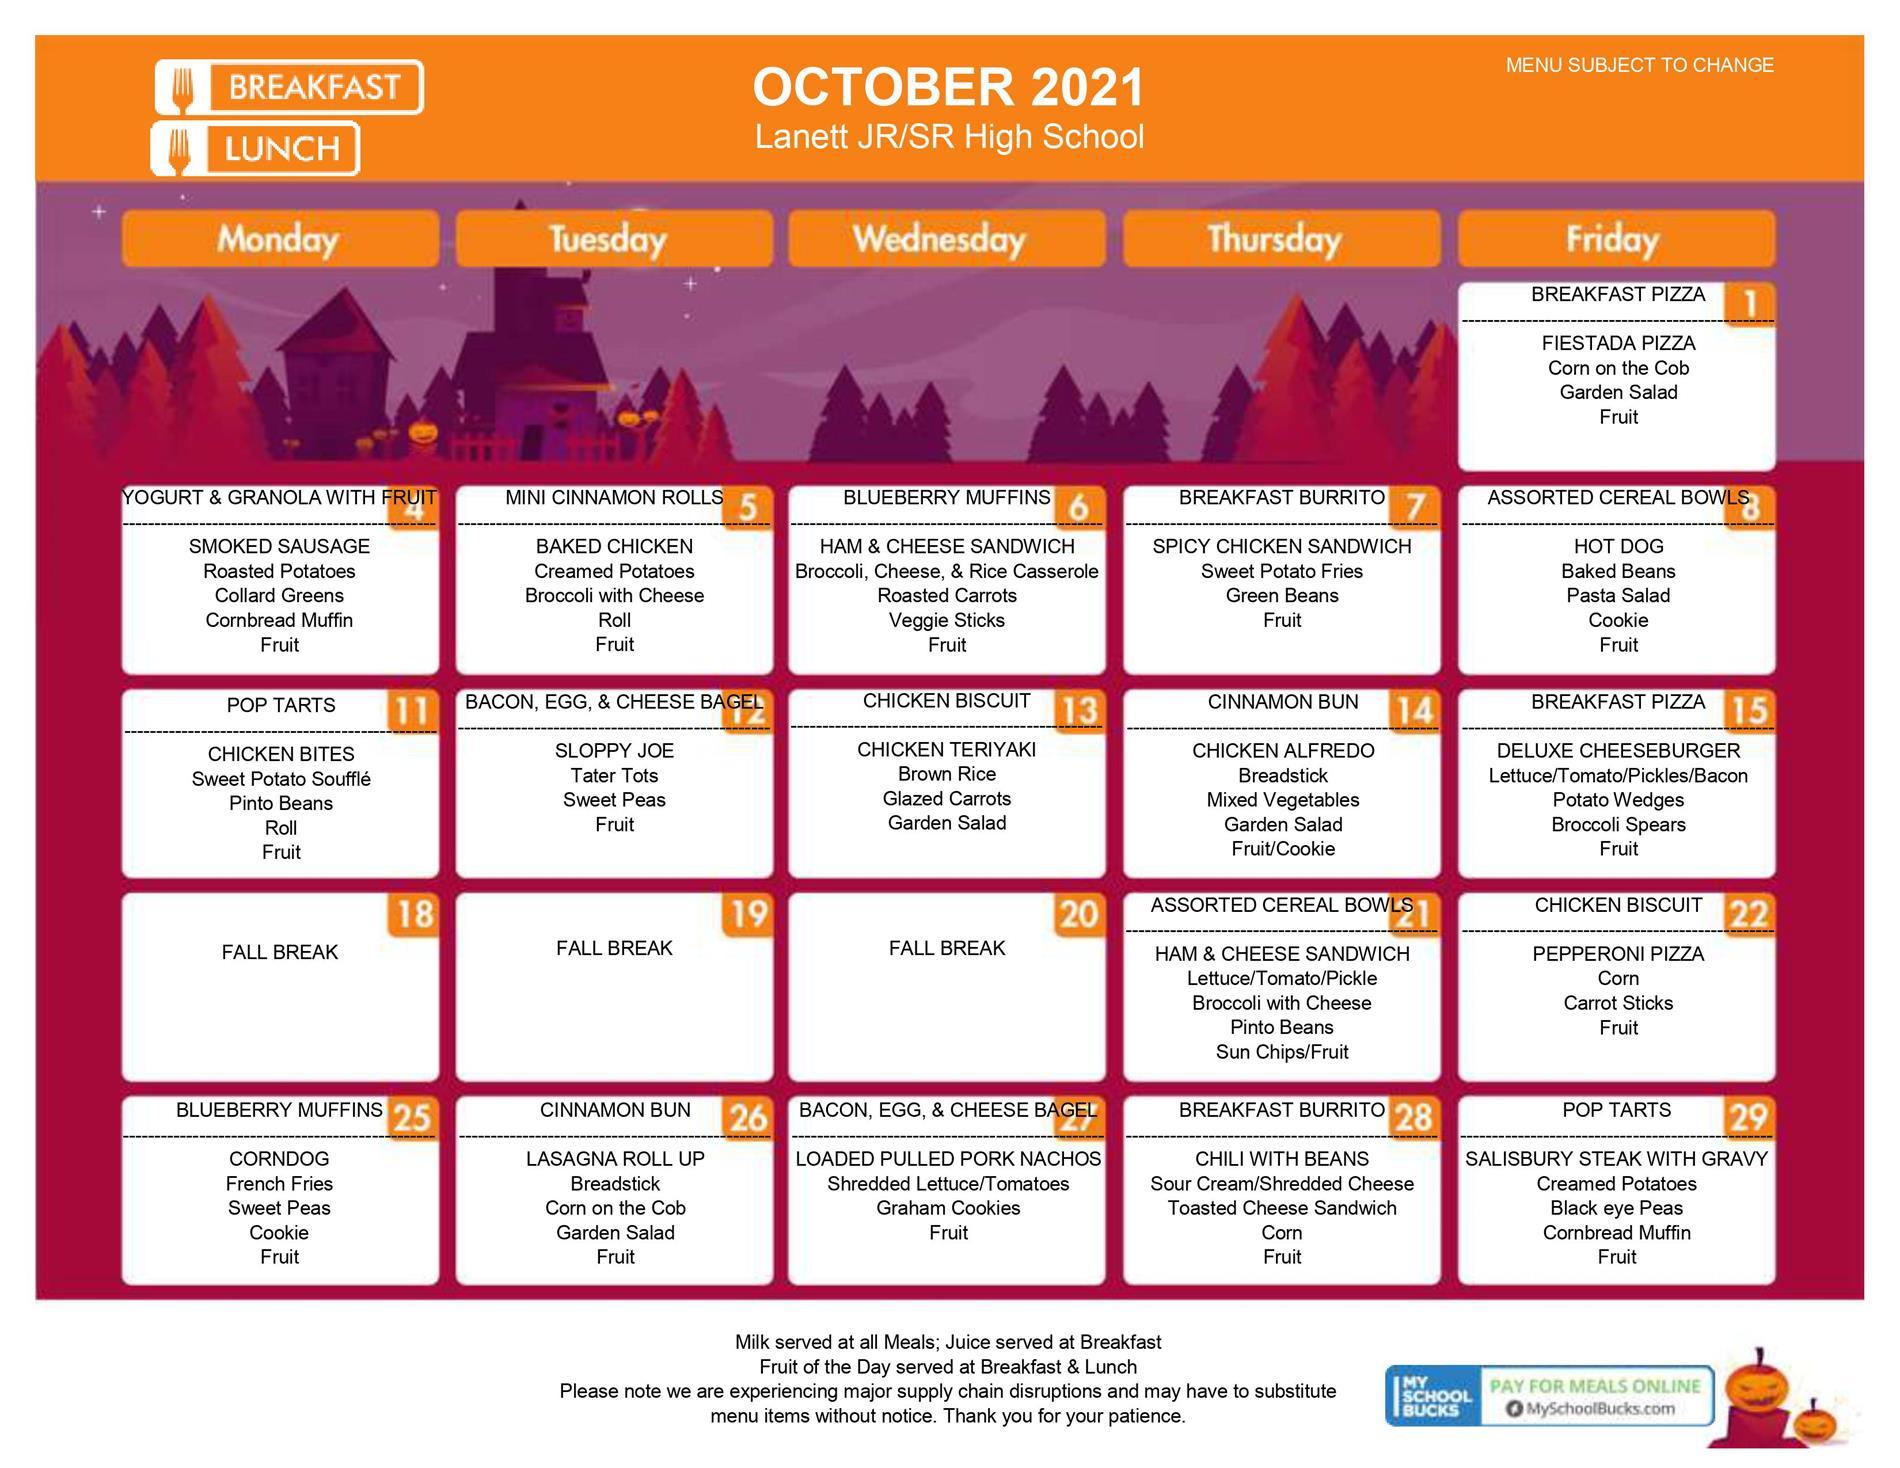 Oct 21 menu